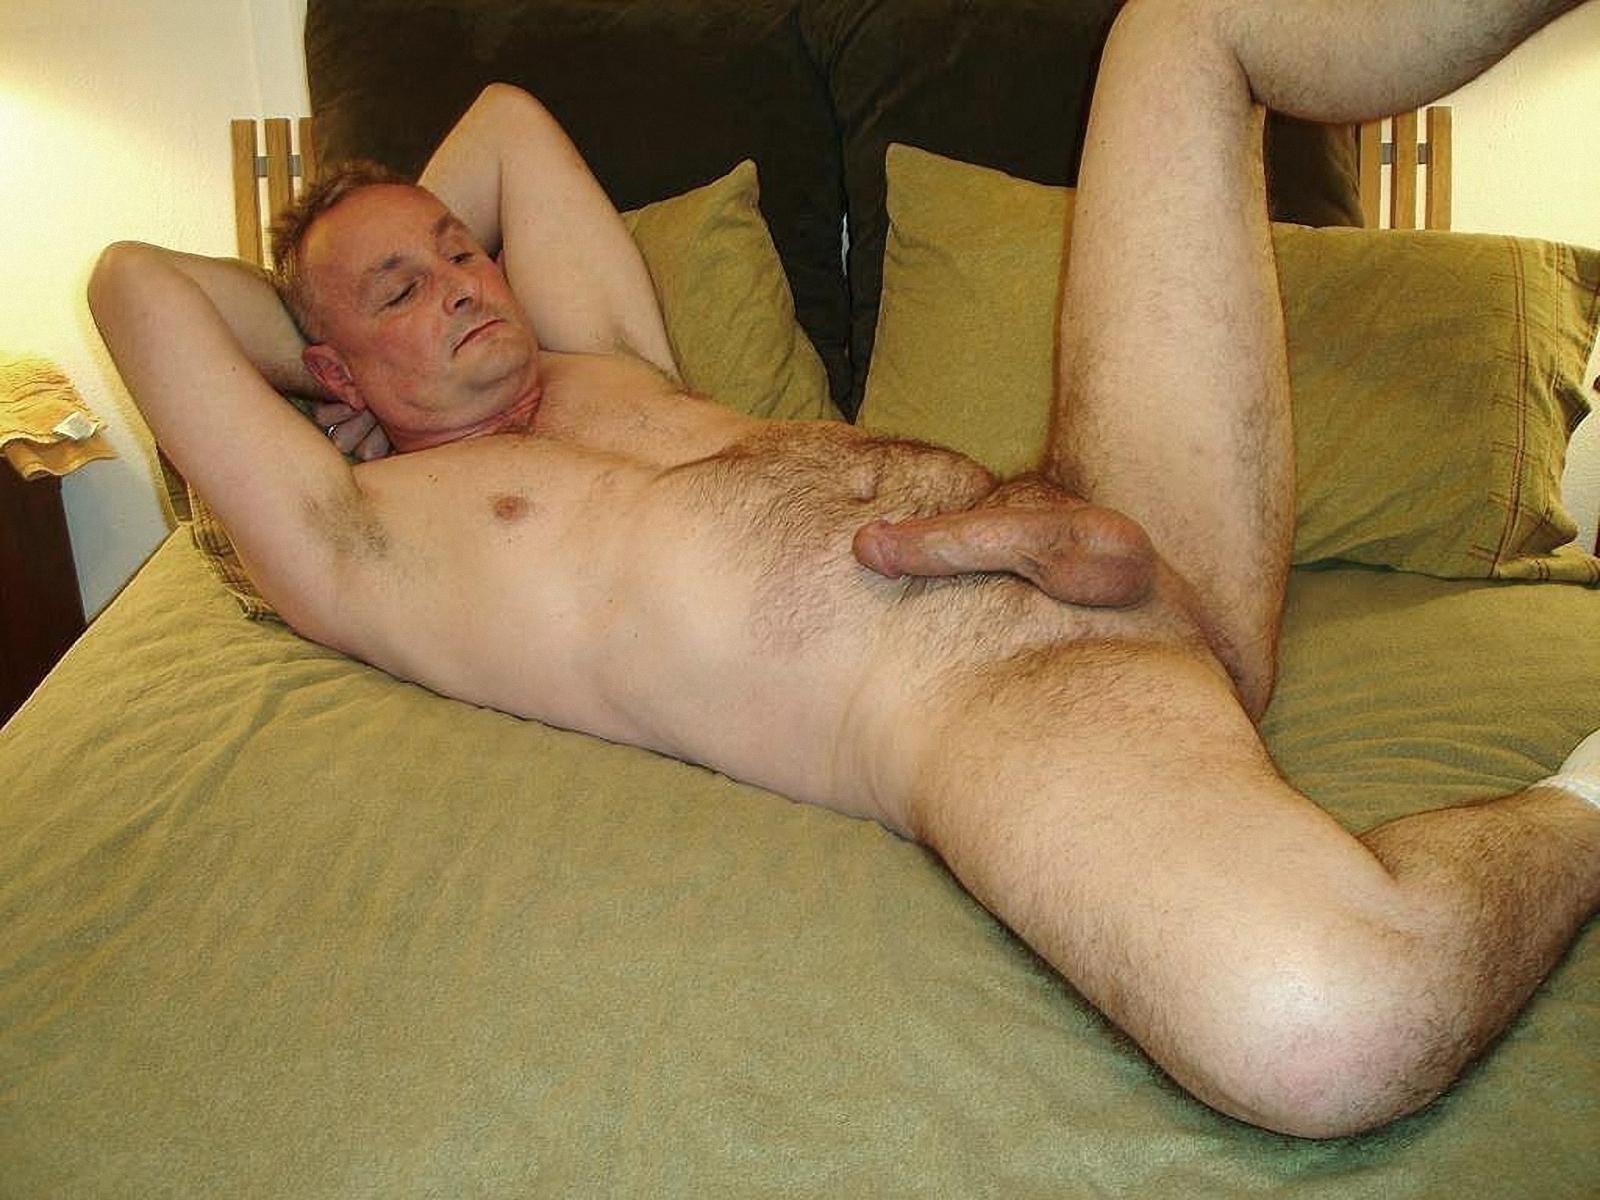 Смотреть онлайн порно взрослых мужчин 15 фотография